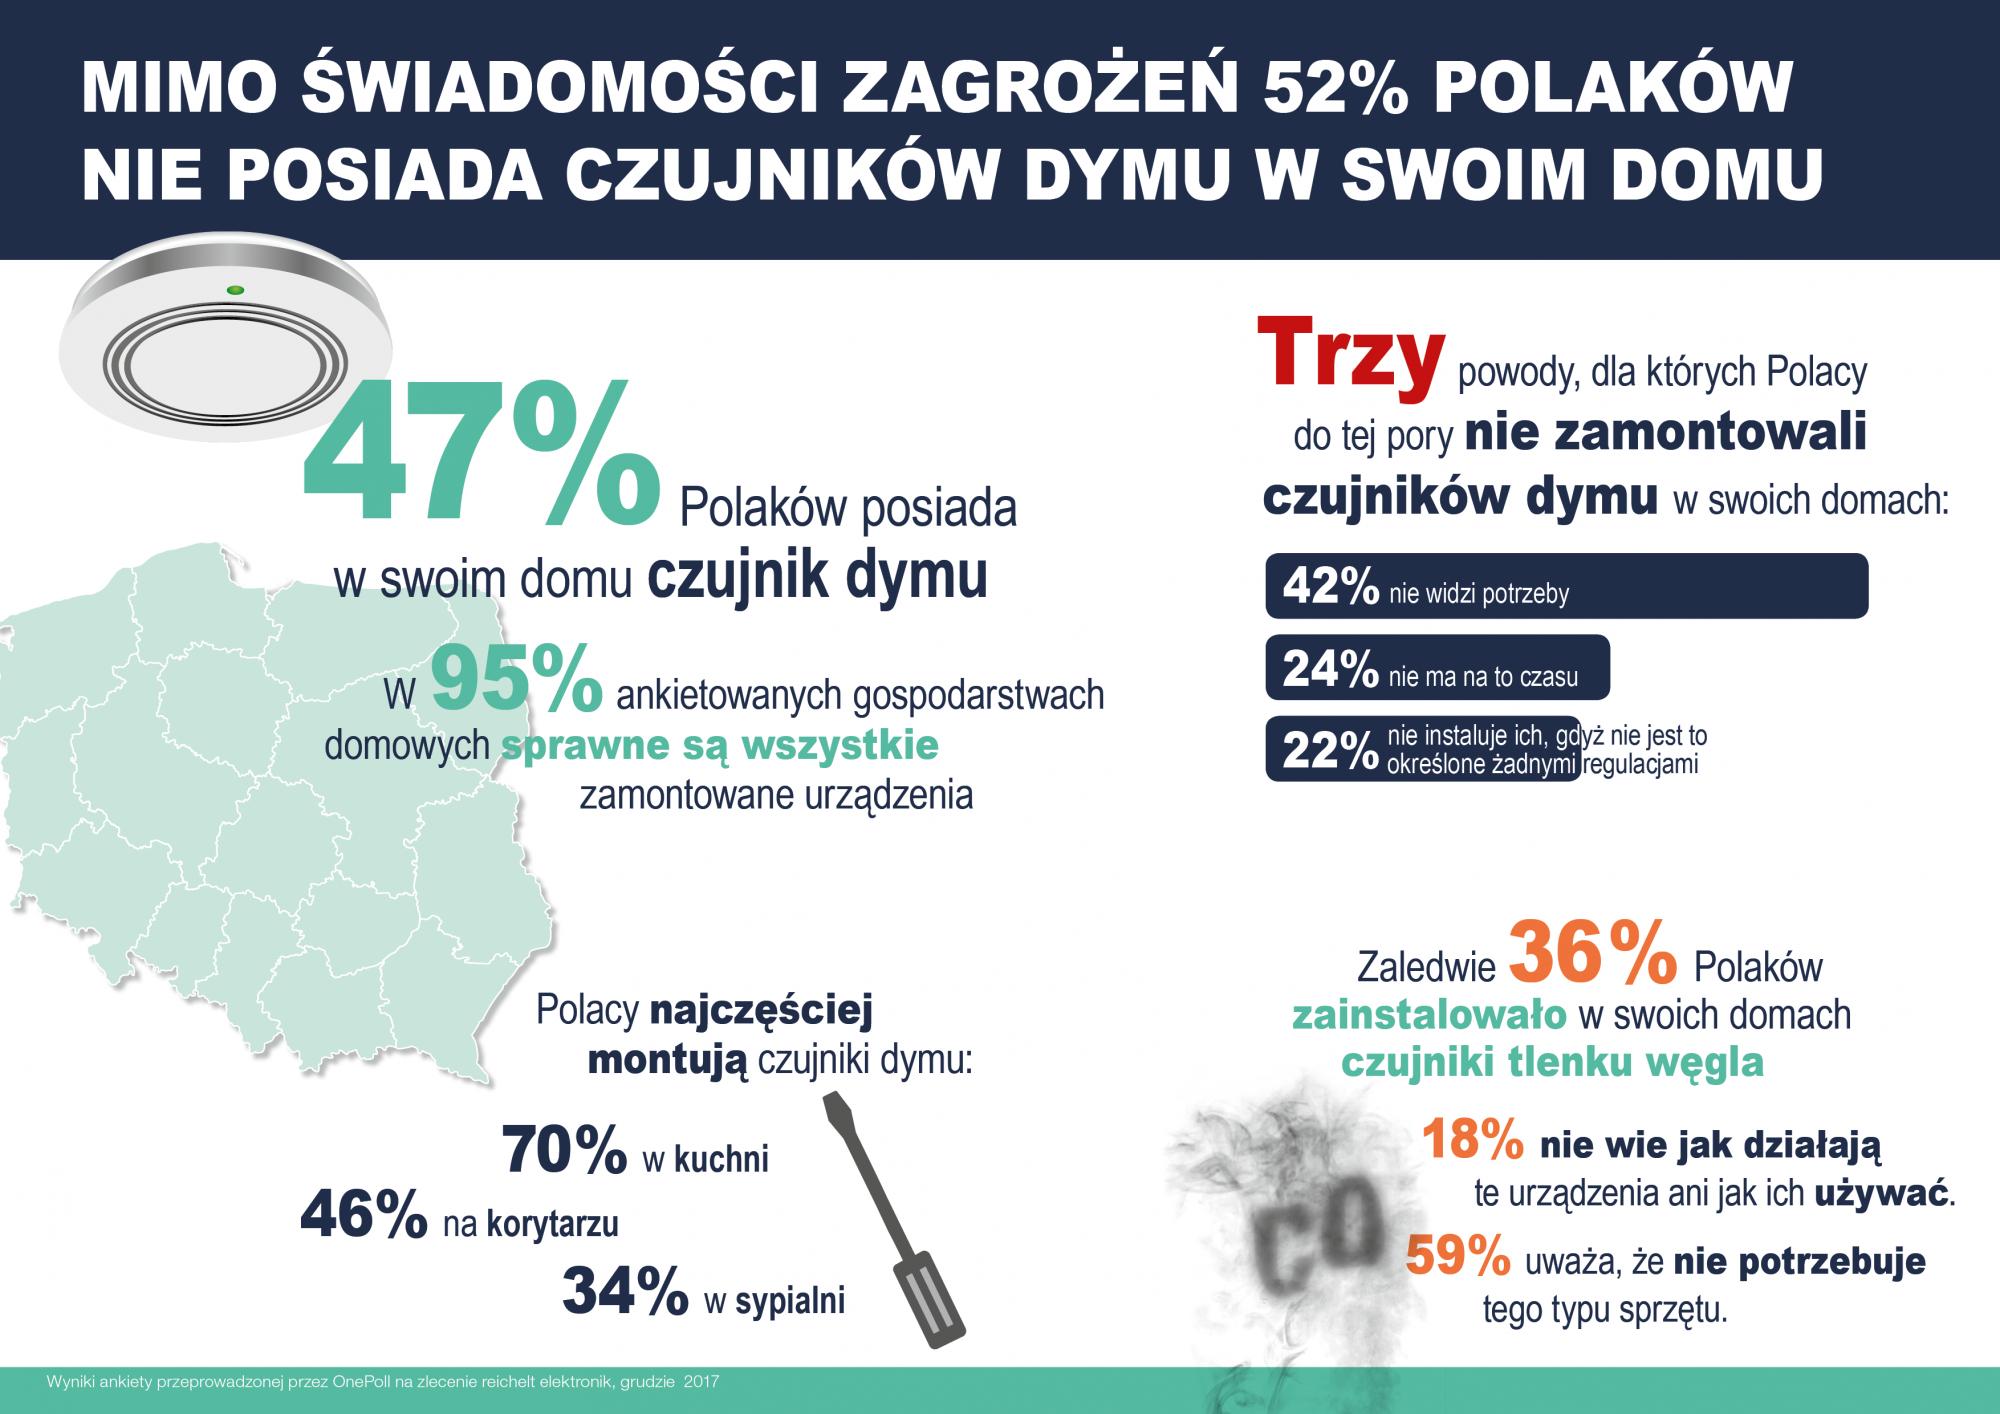 52% Polaków nie posiada czujników dymu w swoim domu mimo świadomości zagrożeń